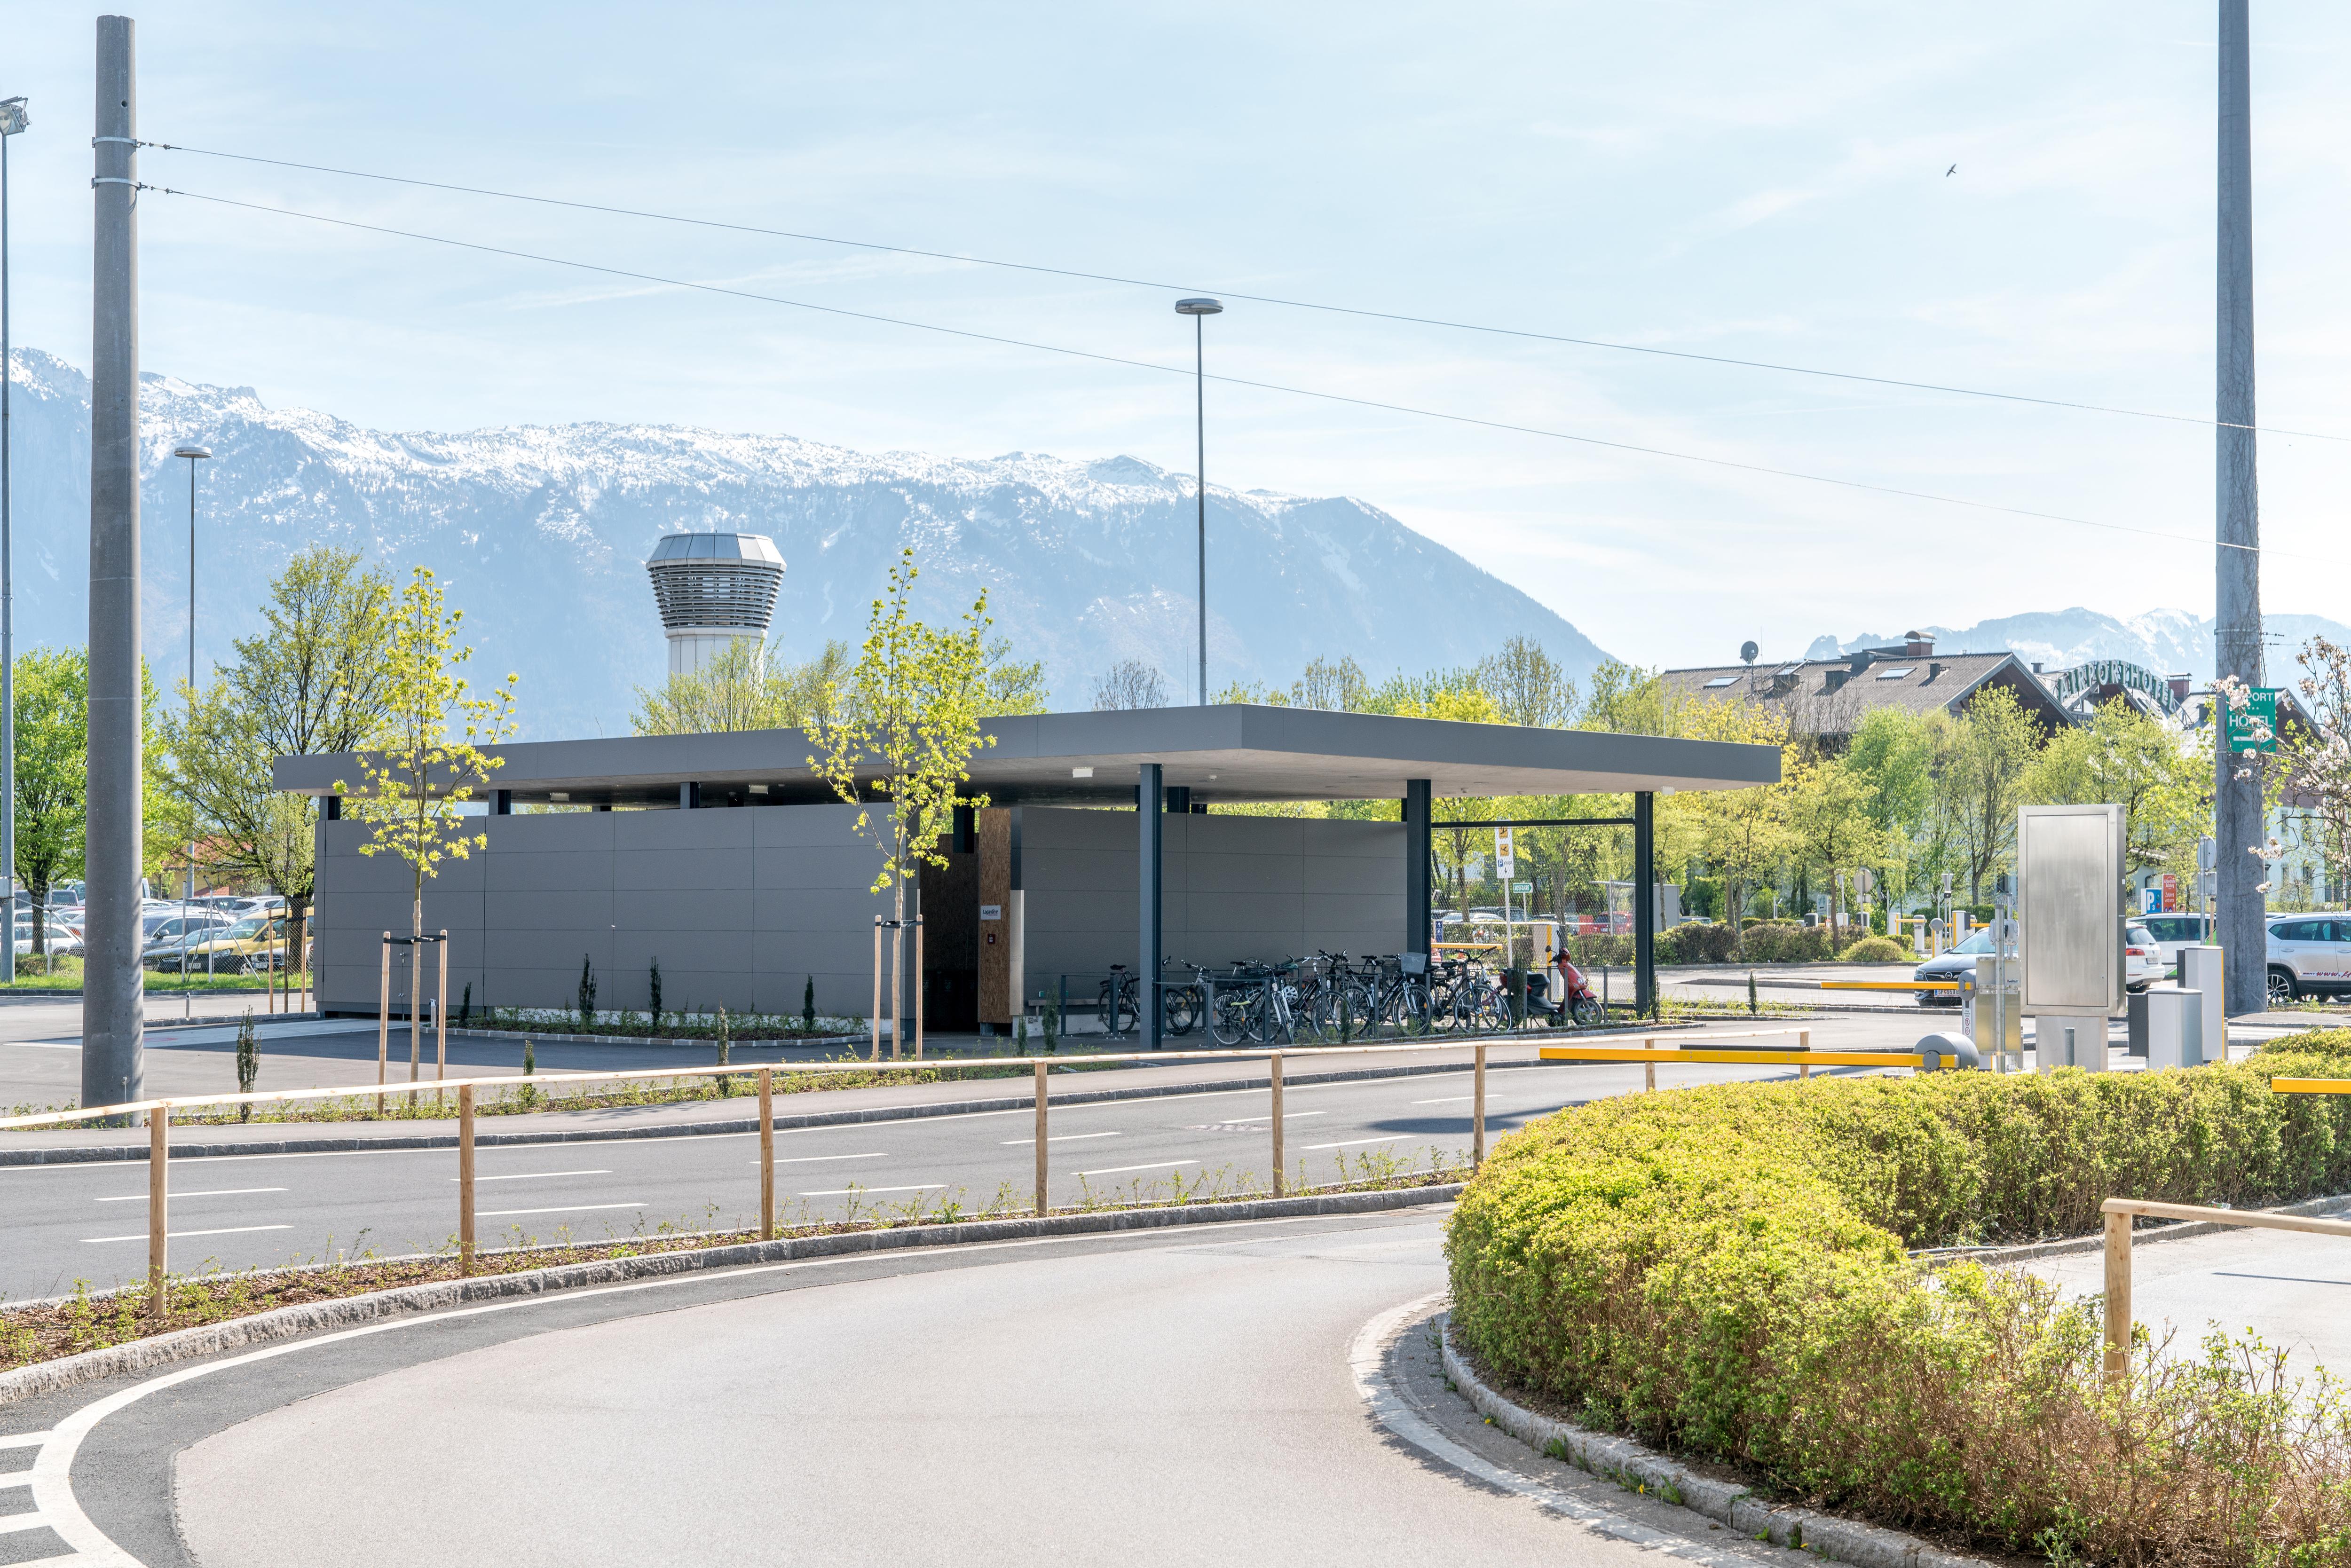 Salzburger Flughafen GmbH – Wertstoffsammelstelle inkl. Fahrradabstellplatz